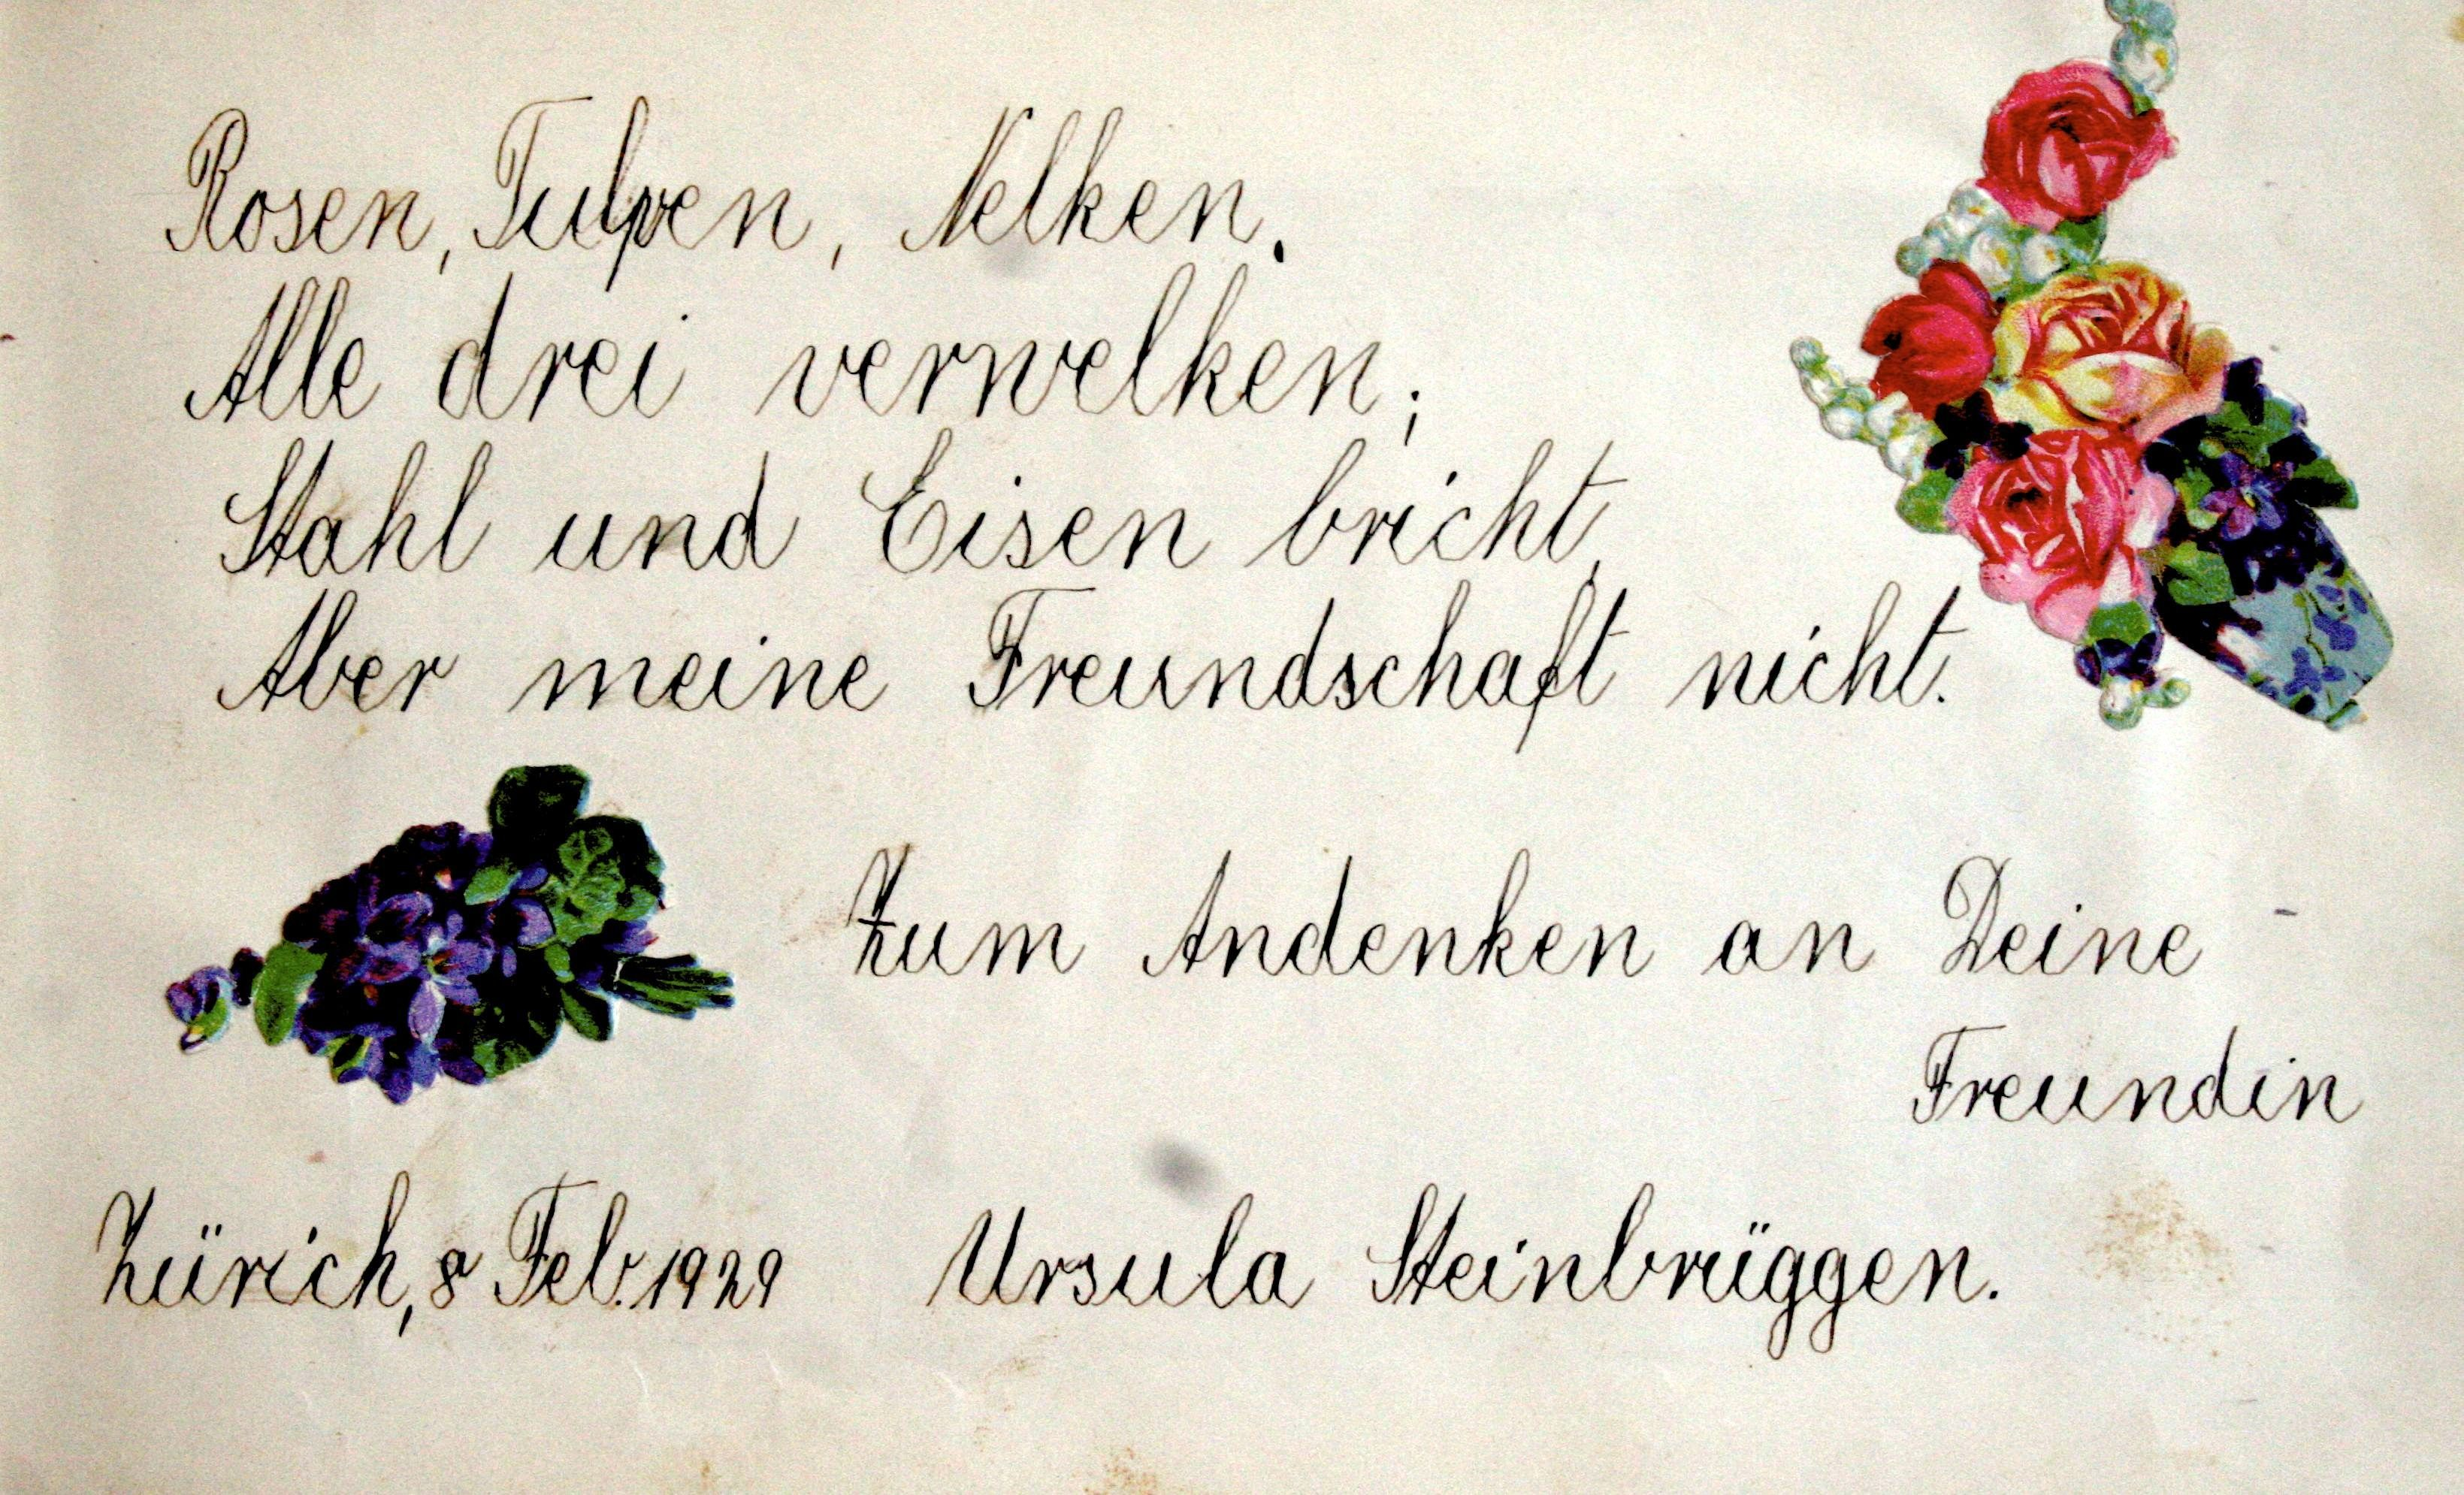 Poesiespruch Rosen Tulpen Nelken Alle Drei Verwelken